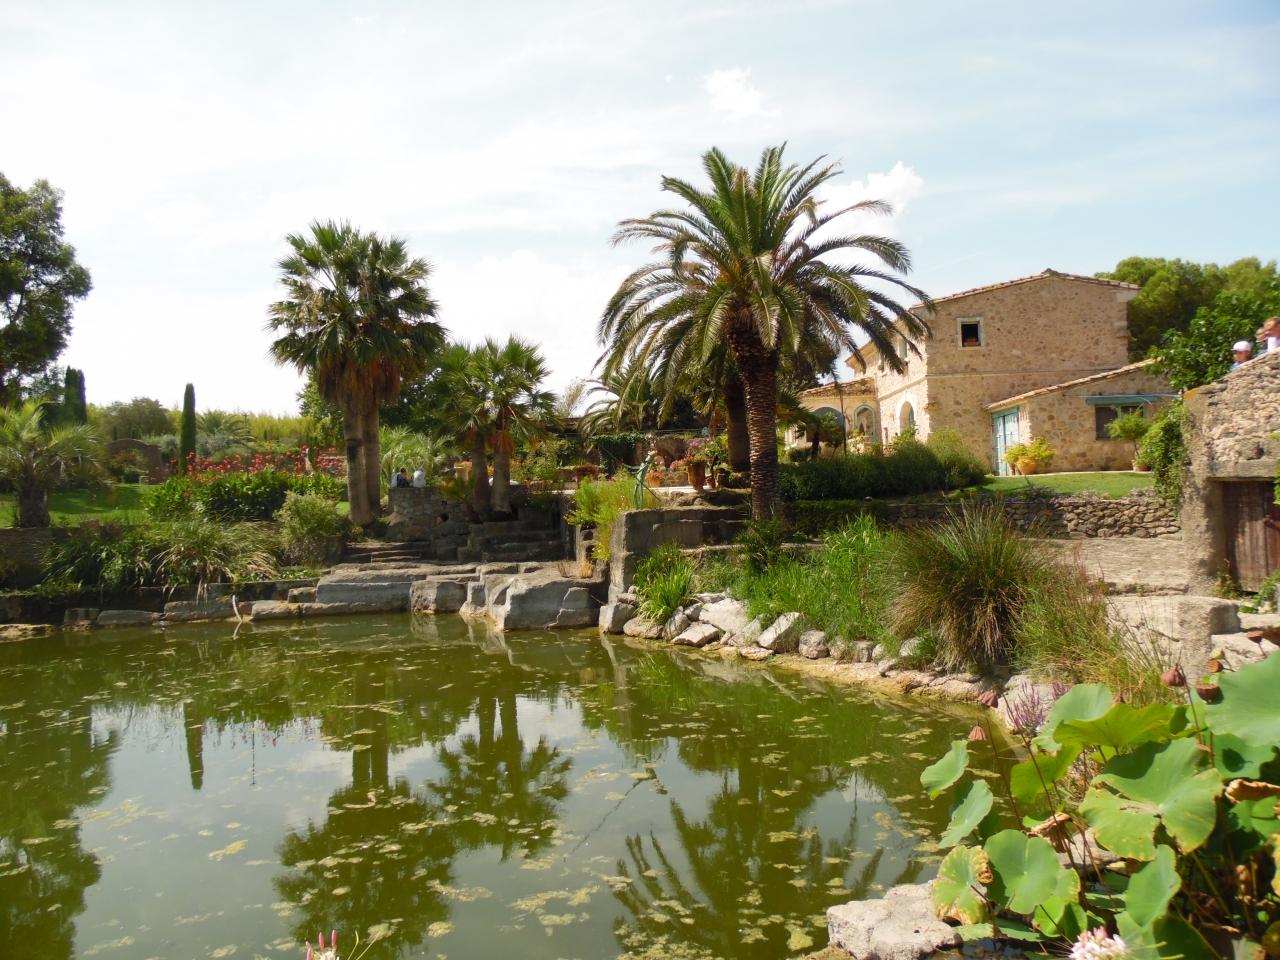 Le jardin de saint adrien servian 34 h rault les p r grinations de joce - Les jardins de saint adrien ...